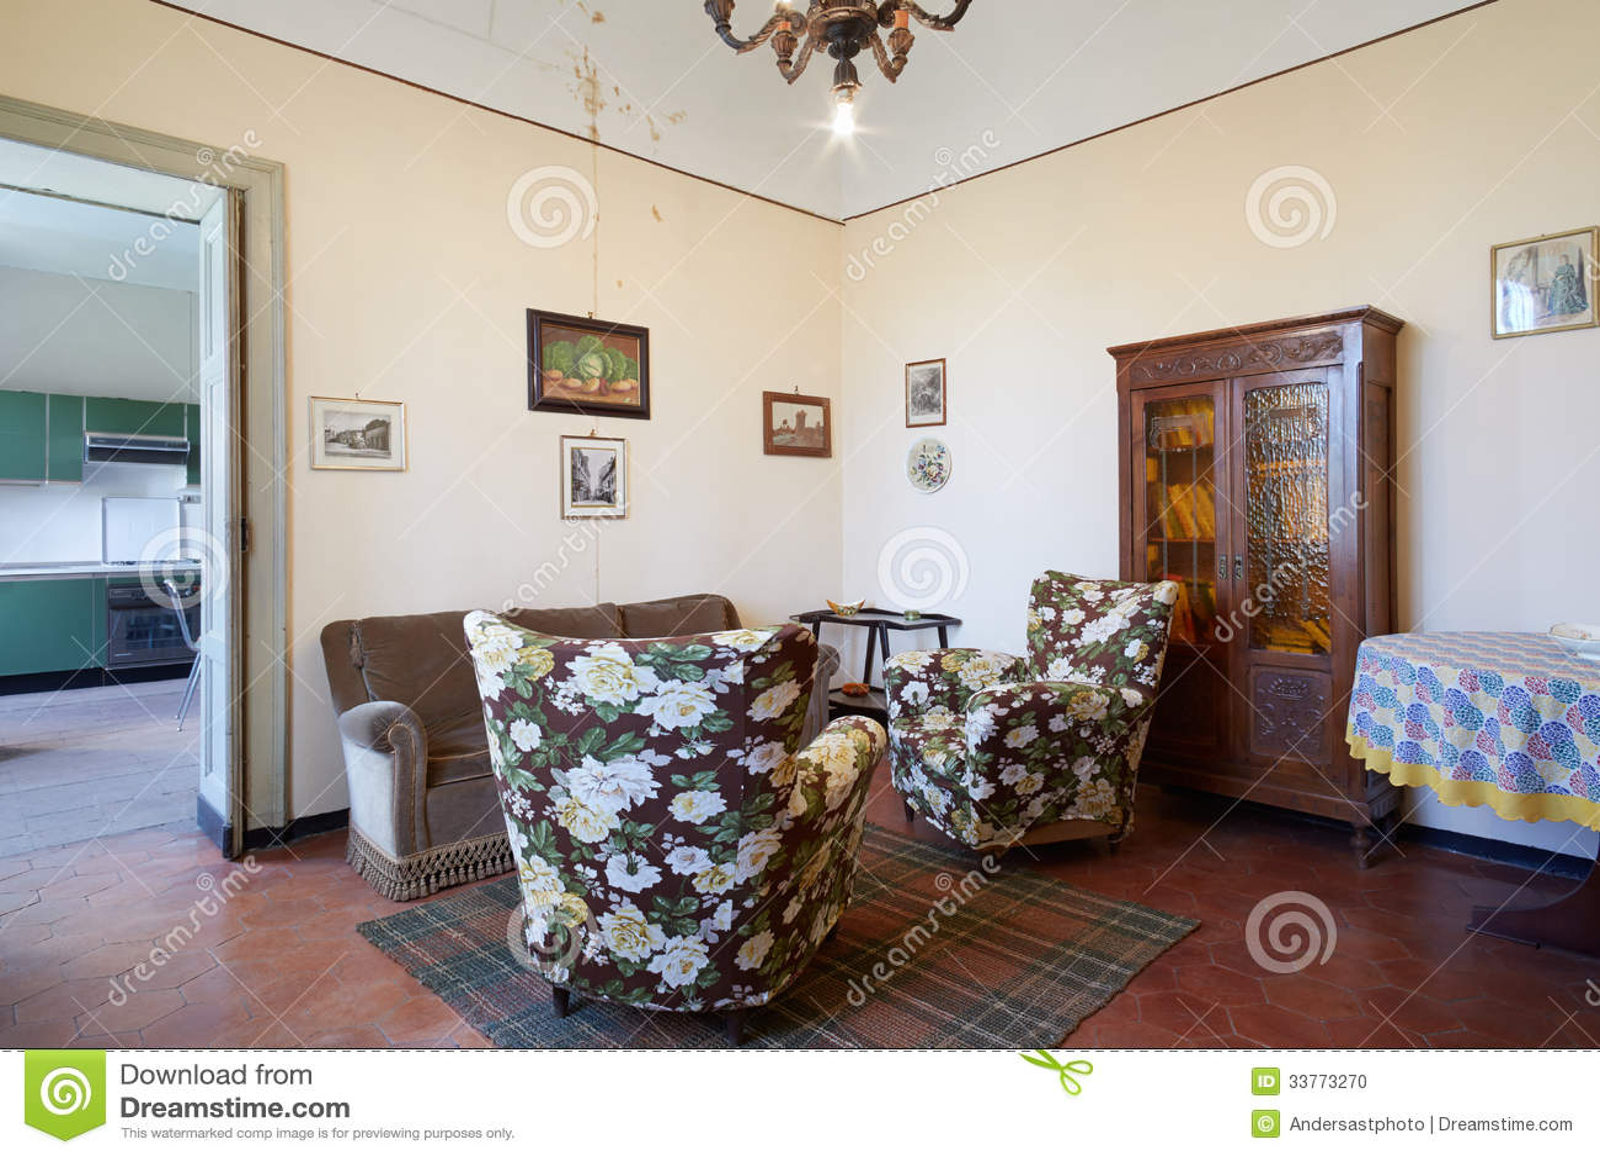 Altes wohnzimmer im landhaus stockfoto   bild: 33773270